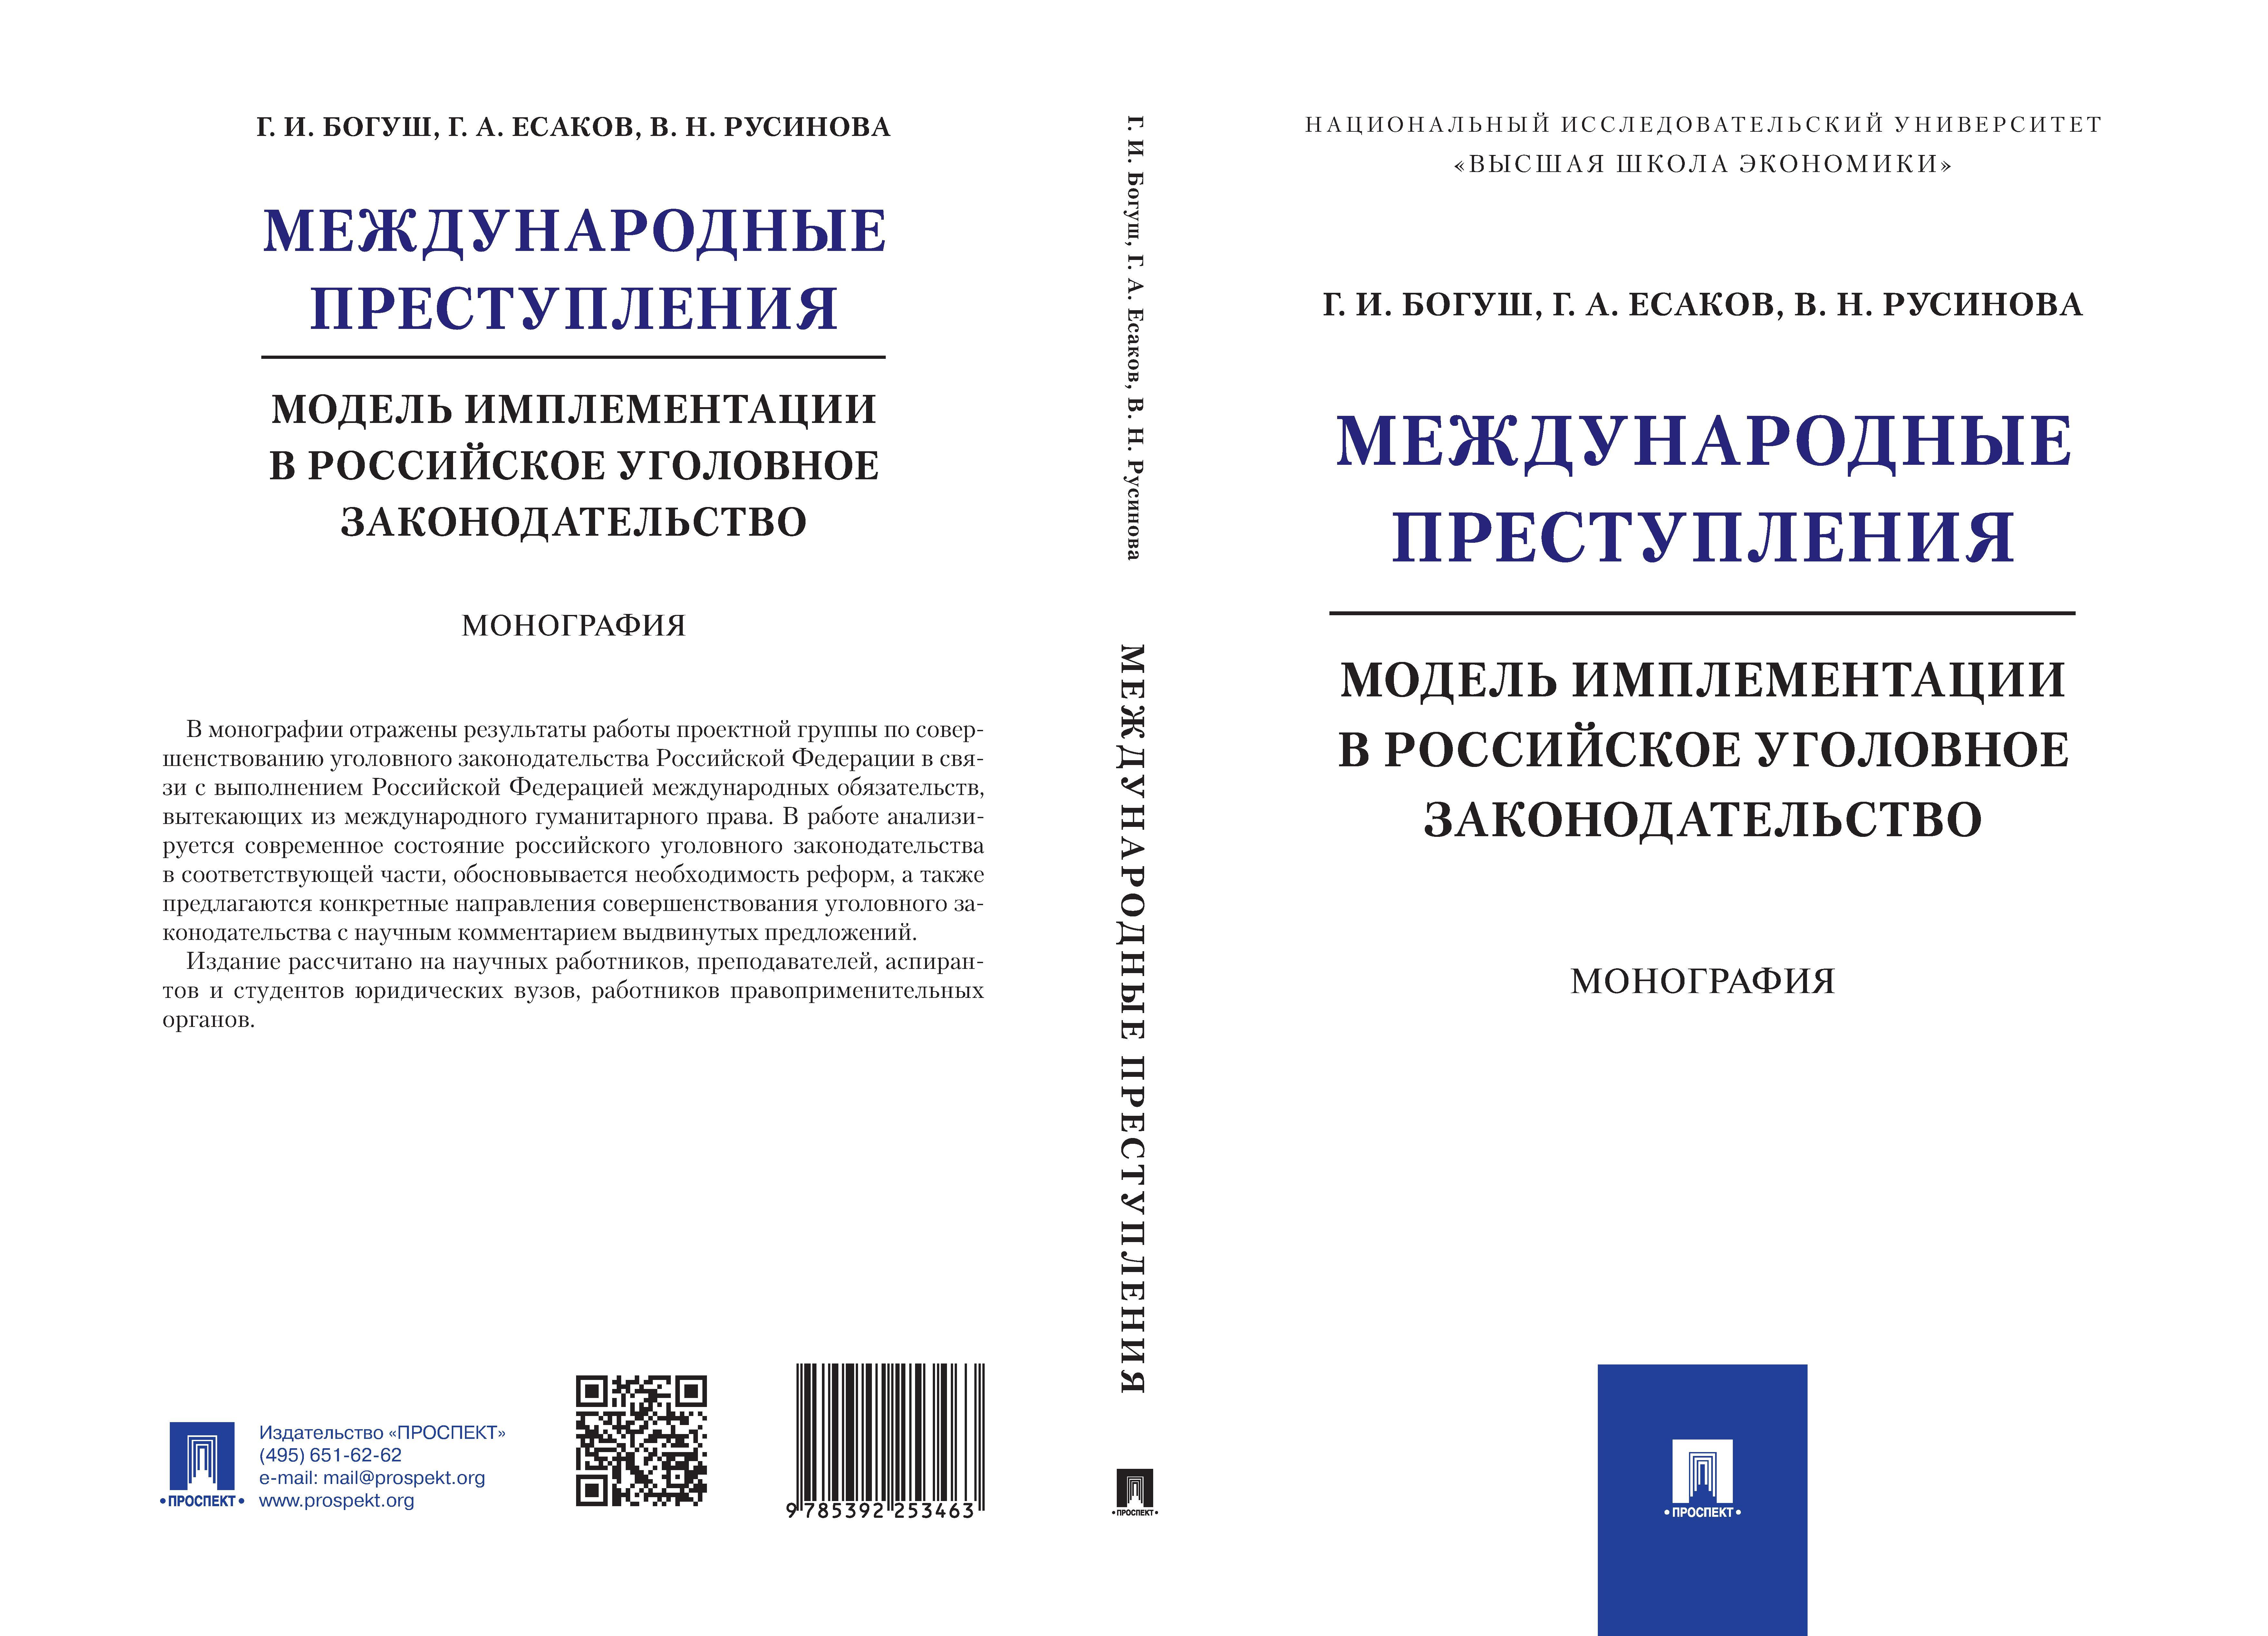 Международные преступления: модель имплементации в российское уголовное законодательство